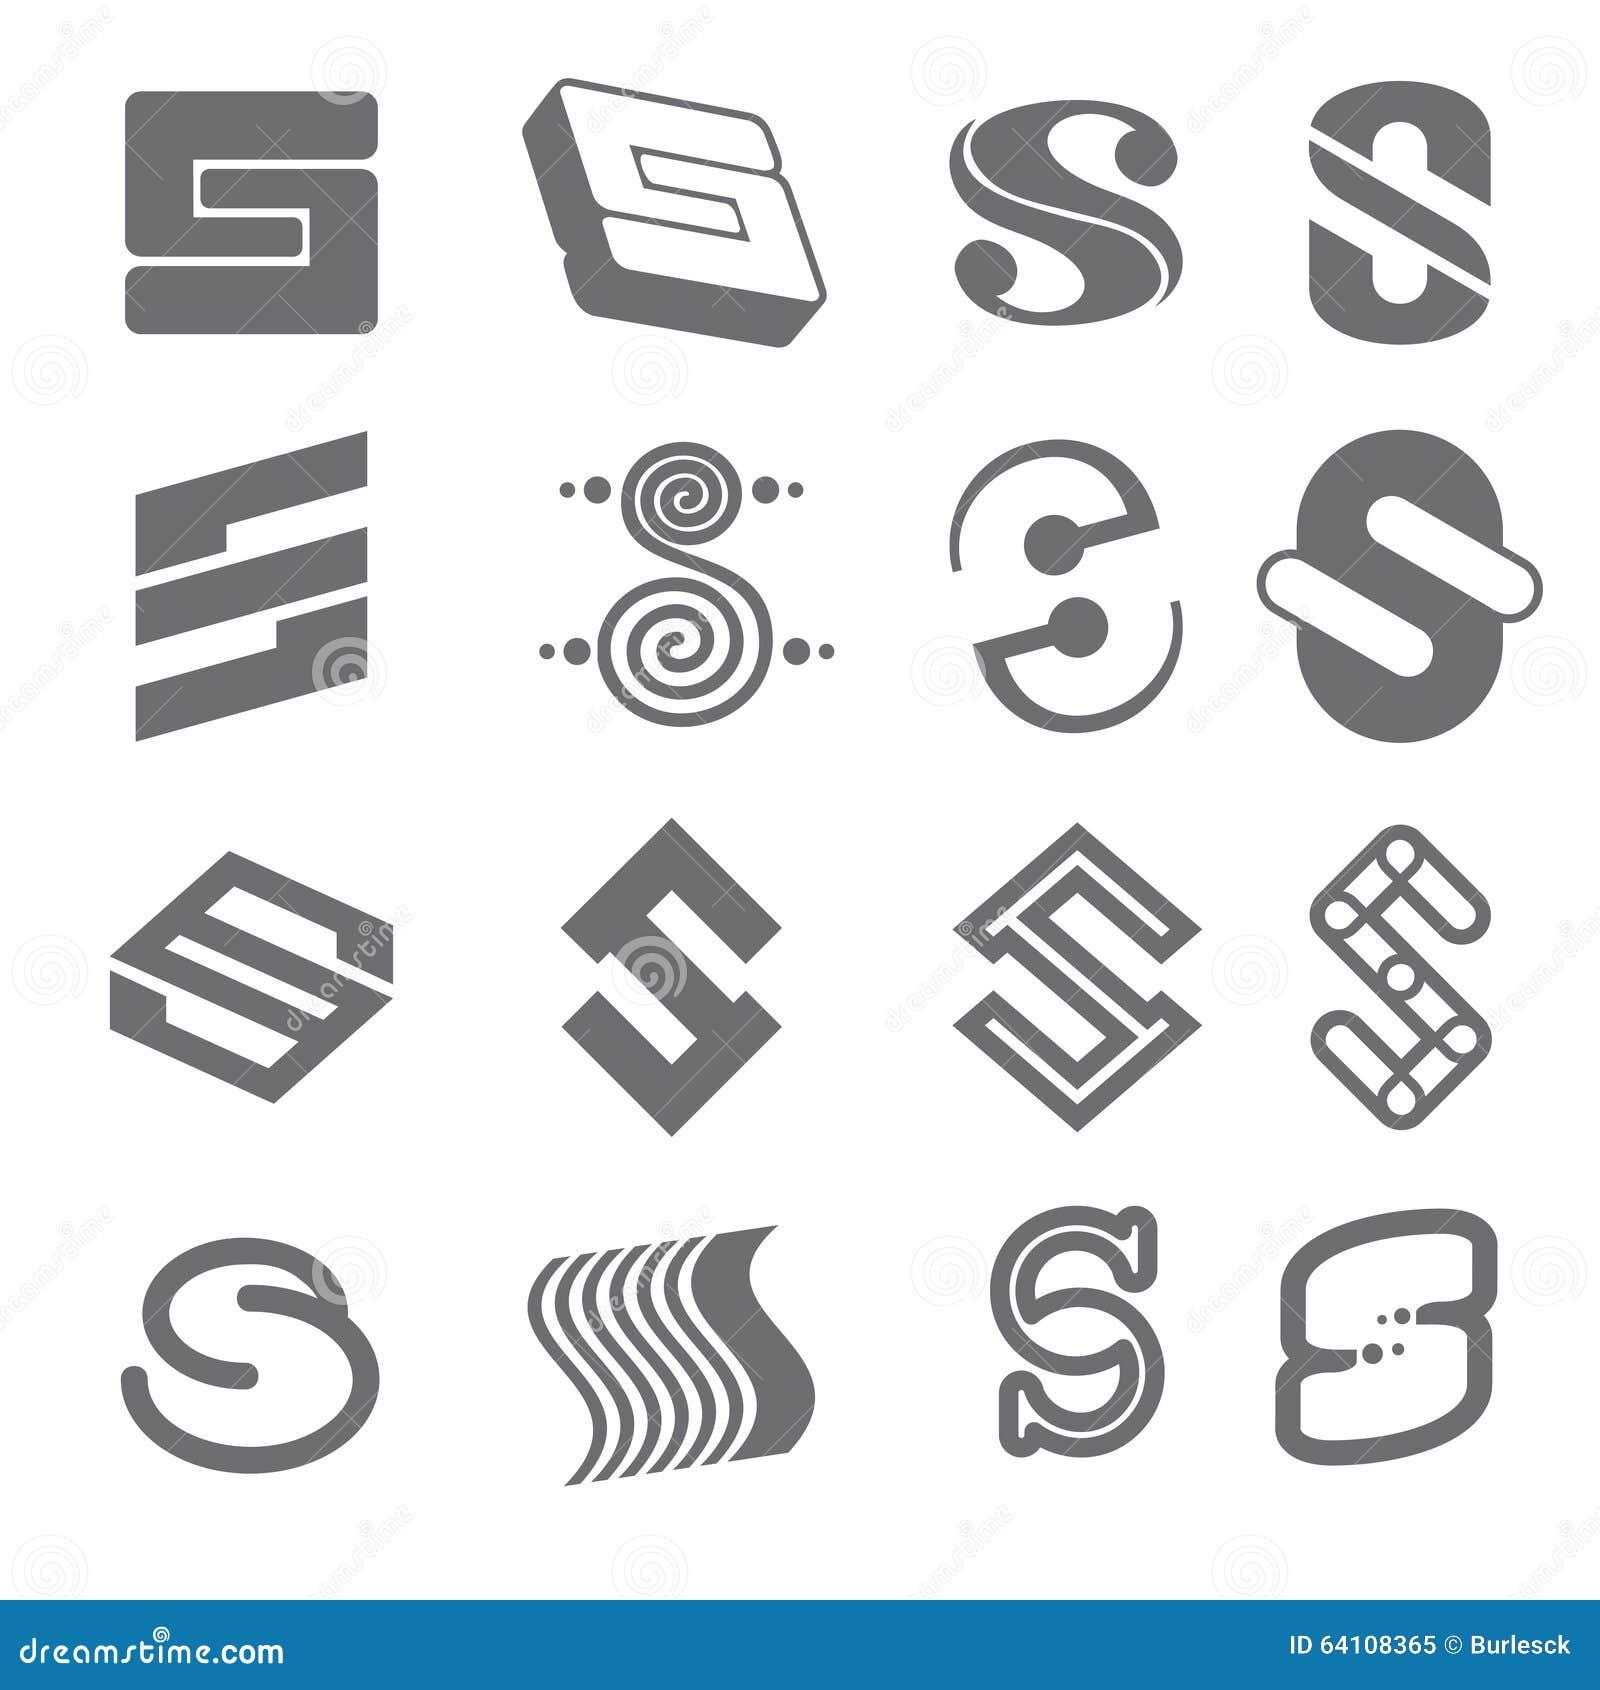 Extrêmement Les Formes Géométriques Pour S Marquent Avec Des Lettres Le Logo  BD15